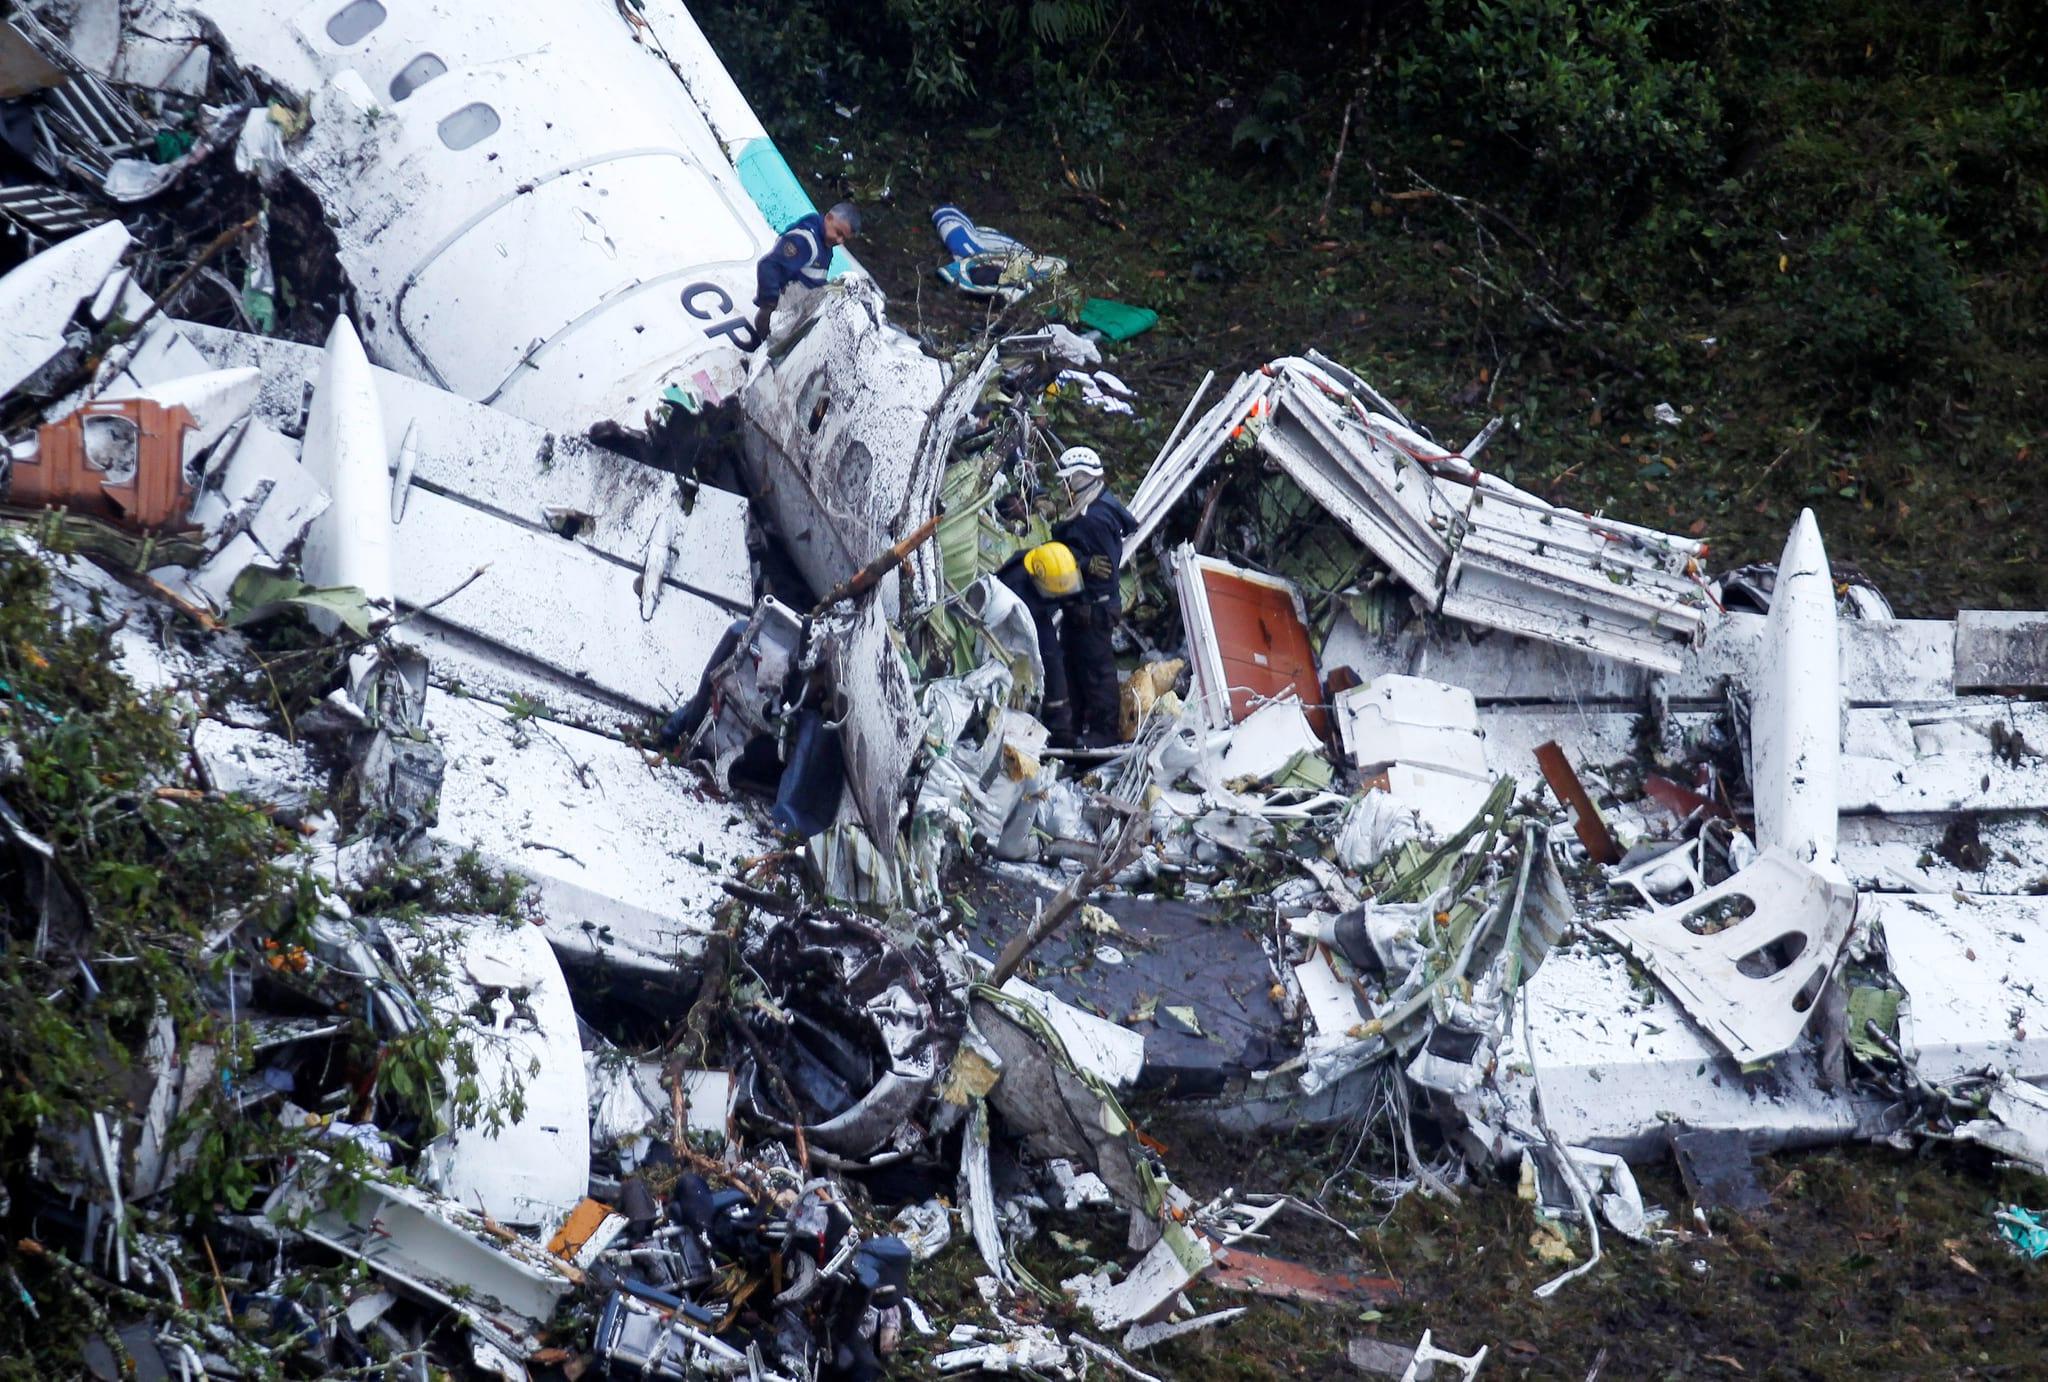 PÚBLICO - Controladora que terá detectado problemas no voo da Chapecoense fugiu para o Brasil